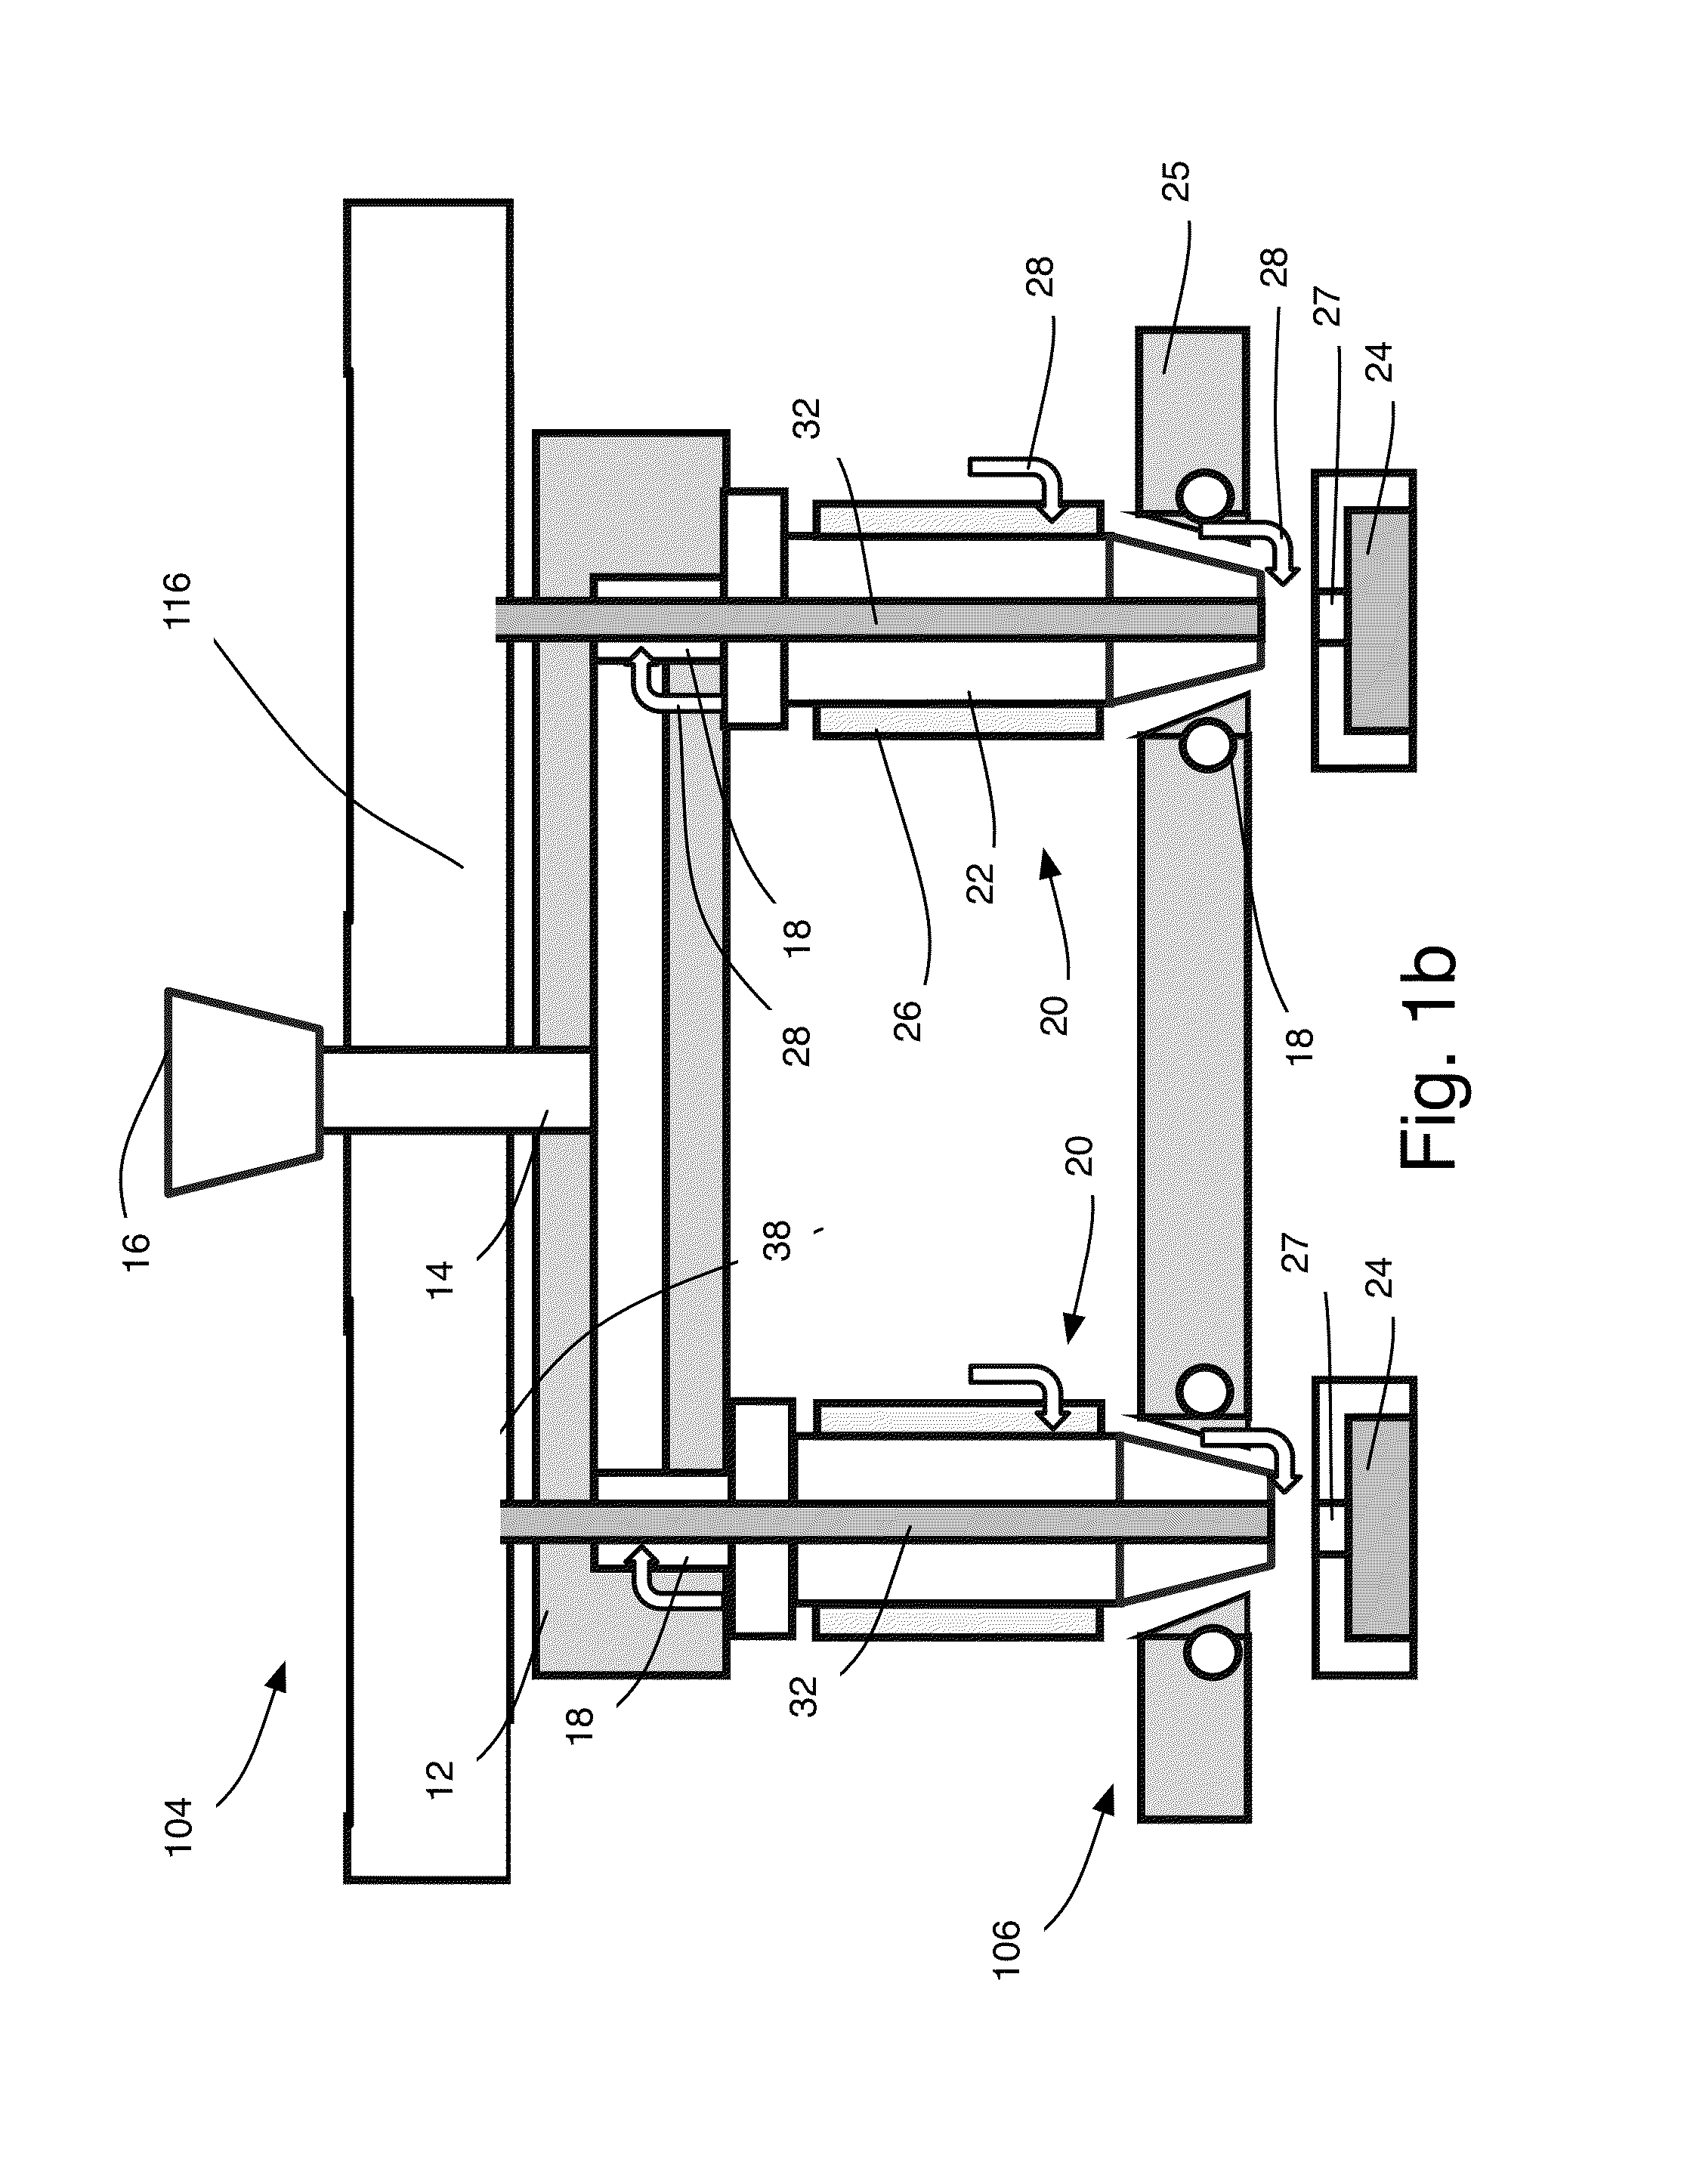 patent us20140037779